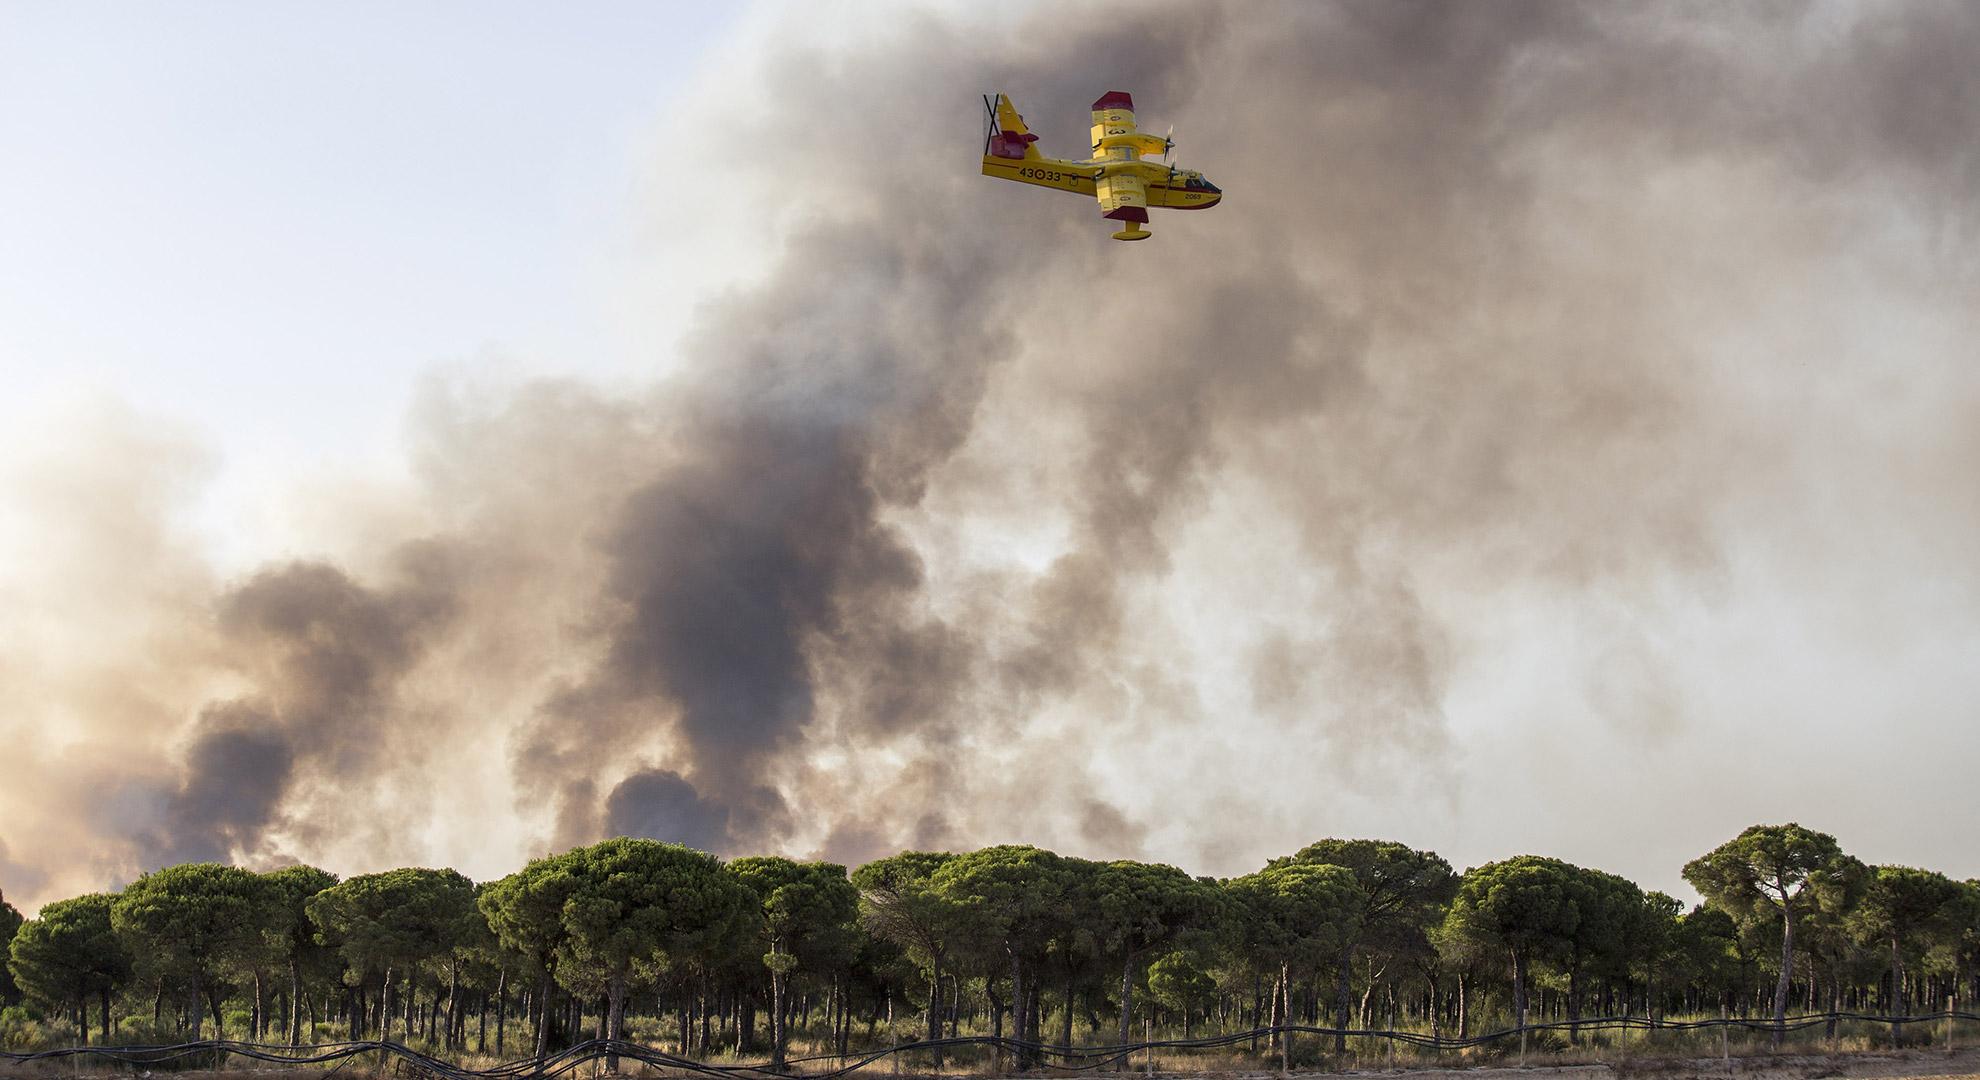 Waldbrand Doñana: Wieder einmal wüteten in Spaniens Welterbe Doñana heftige Waldbrände. © picture alliance / AP Photo / Alberto Diaz